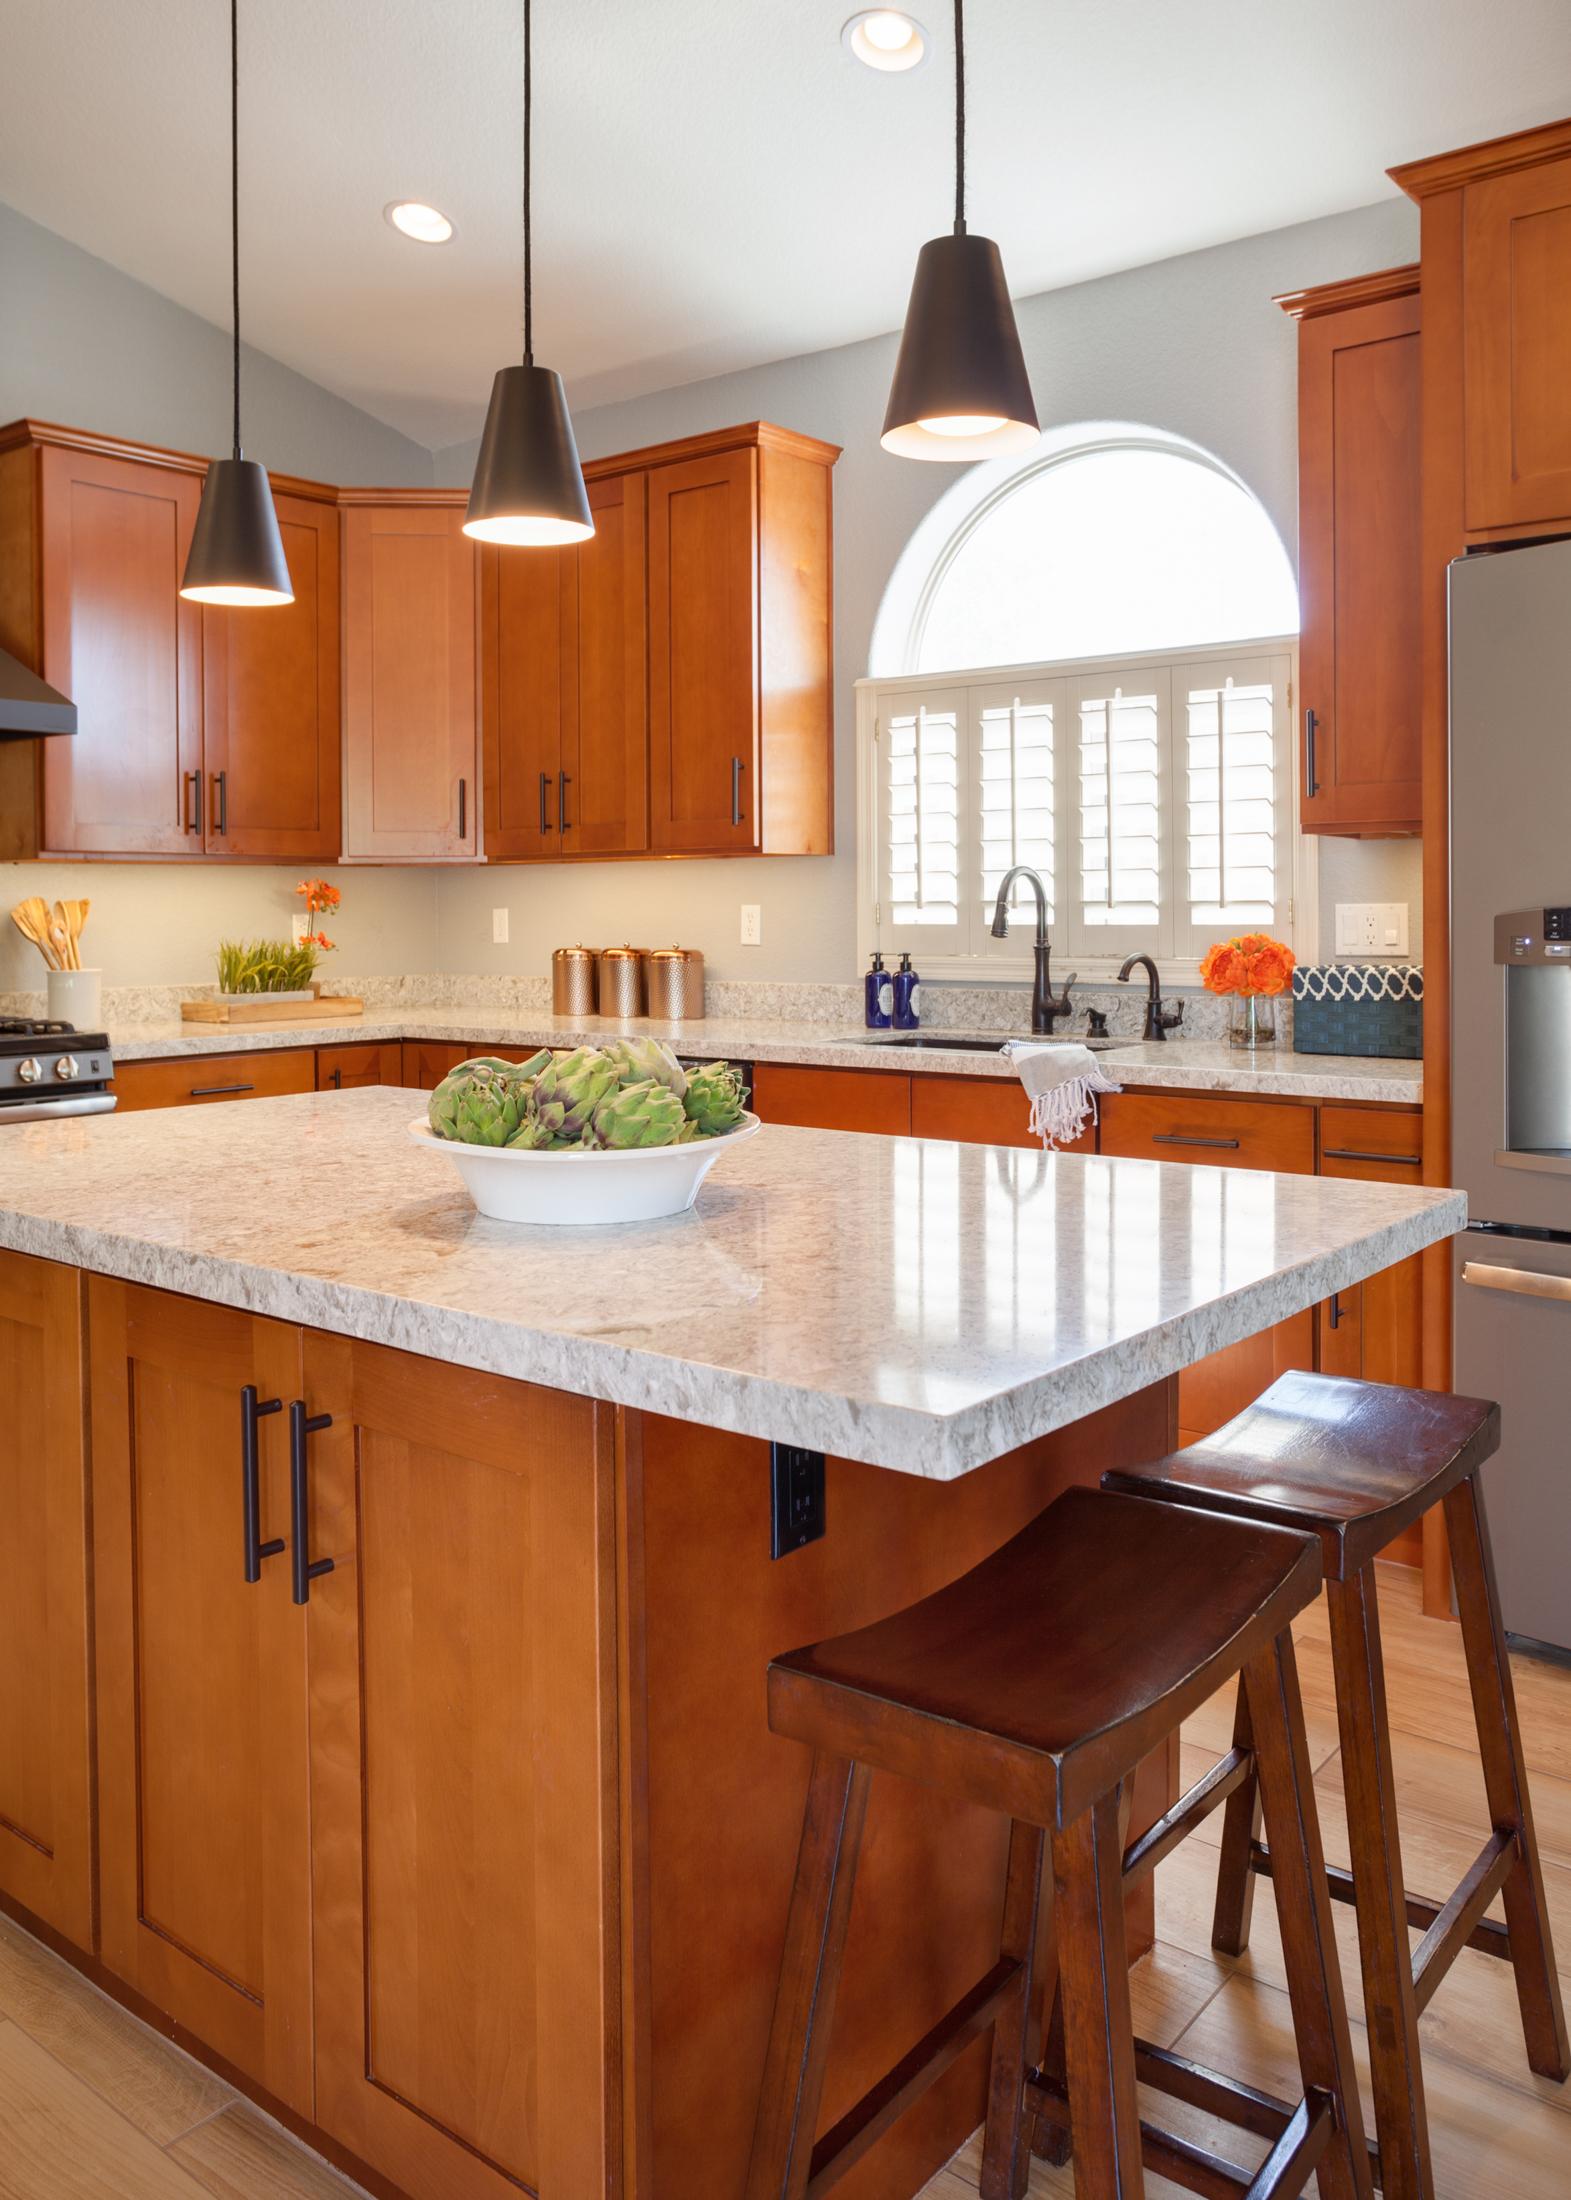 Kitchen-Remodel-www.JamesStewart.photo-2.jpg